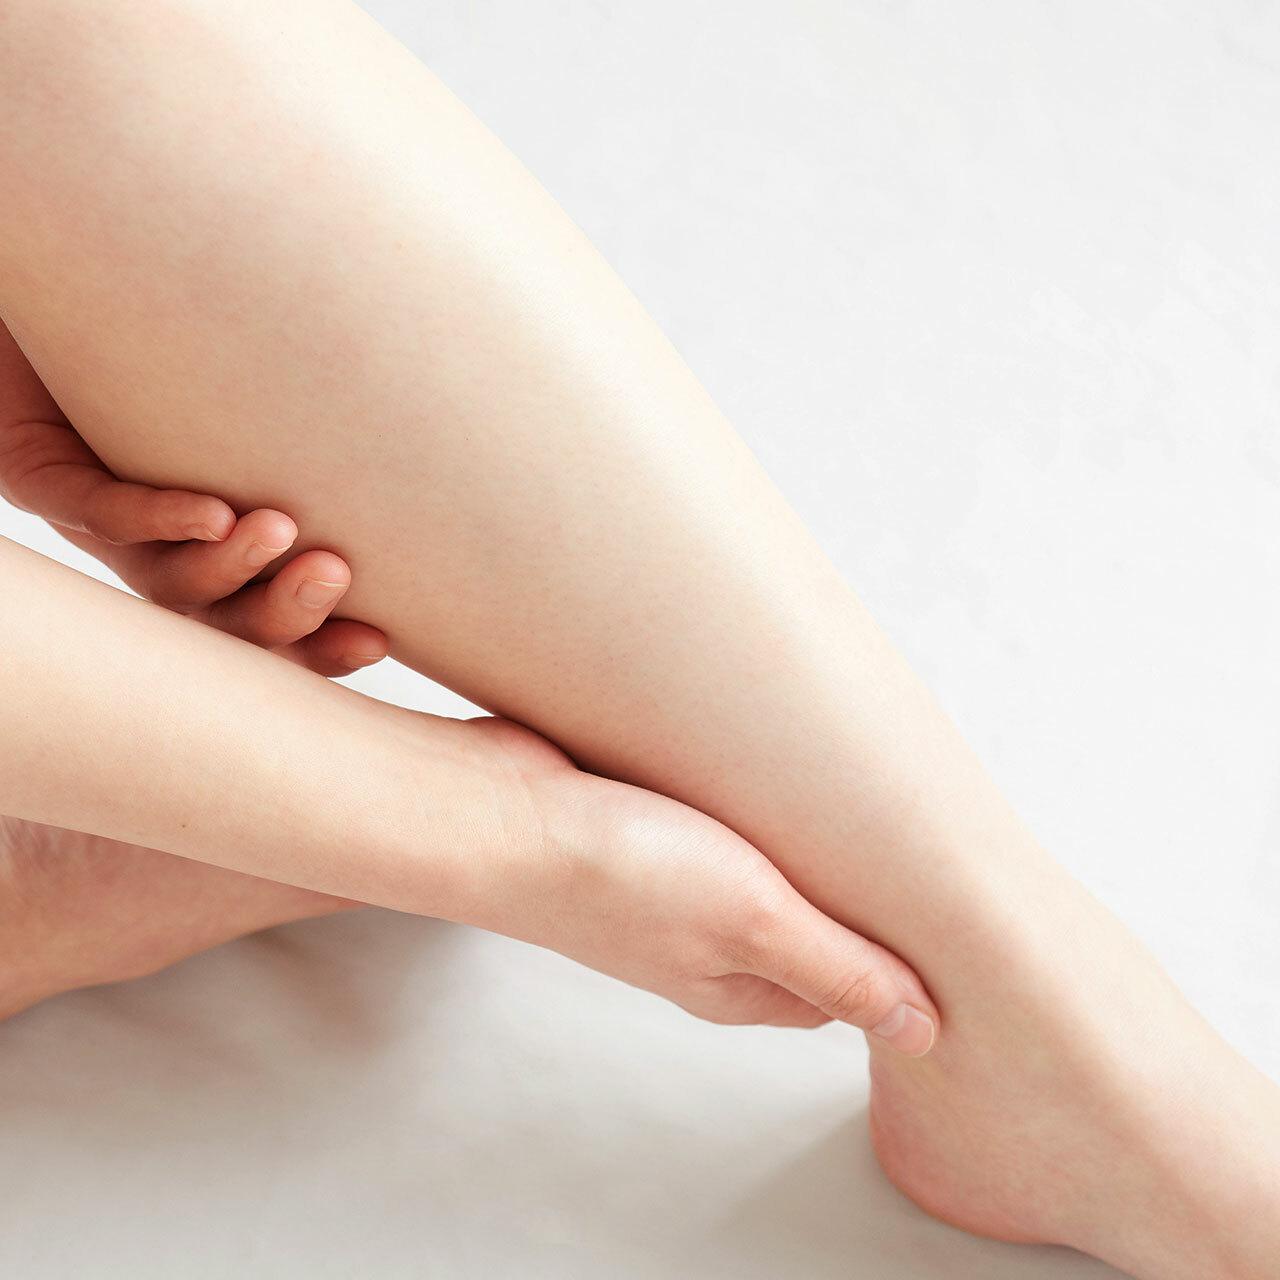 【天然ミネラル】頭痛・肩こり・腰痛・足のしびれ・こむら返り・腱鞘炎・むくみ・関節痛・疲労感・倦怠感・イライラに|マグネシウムオイルスプレー